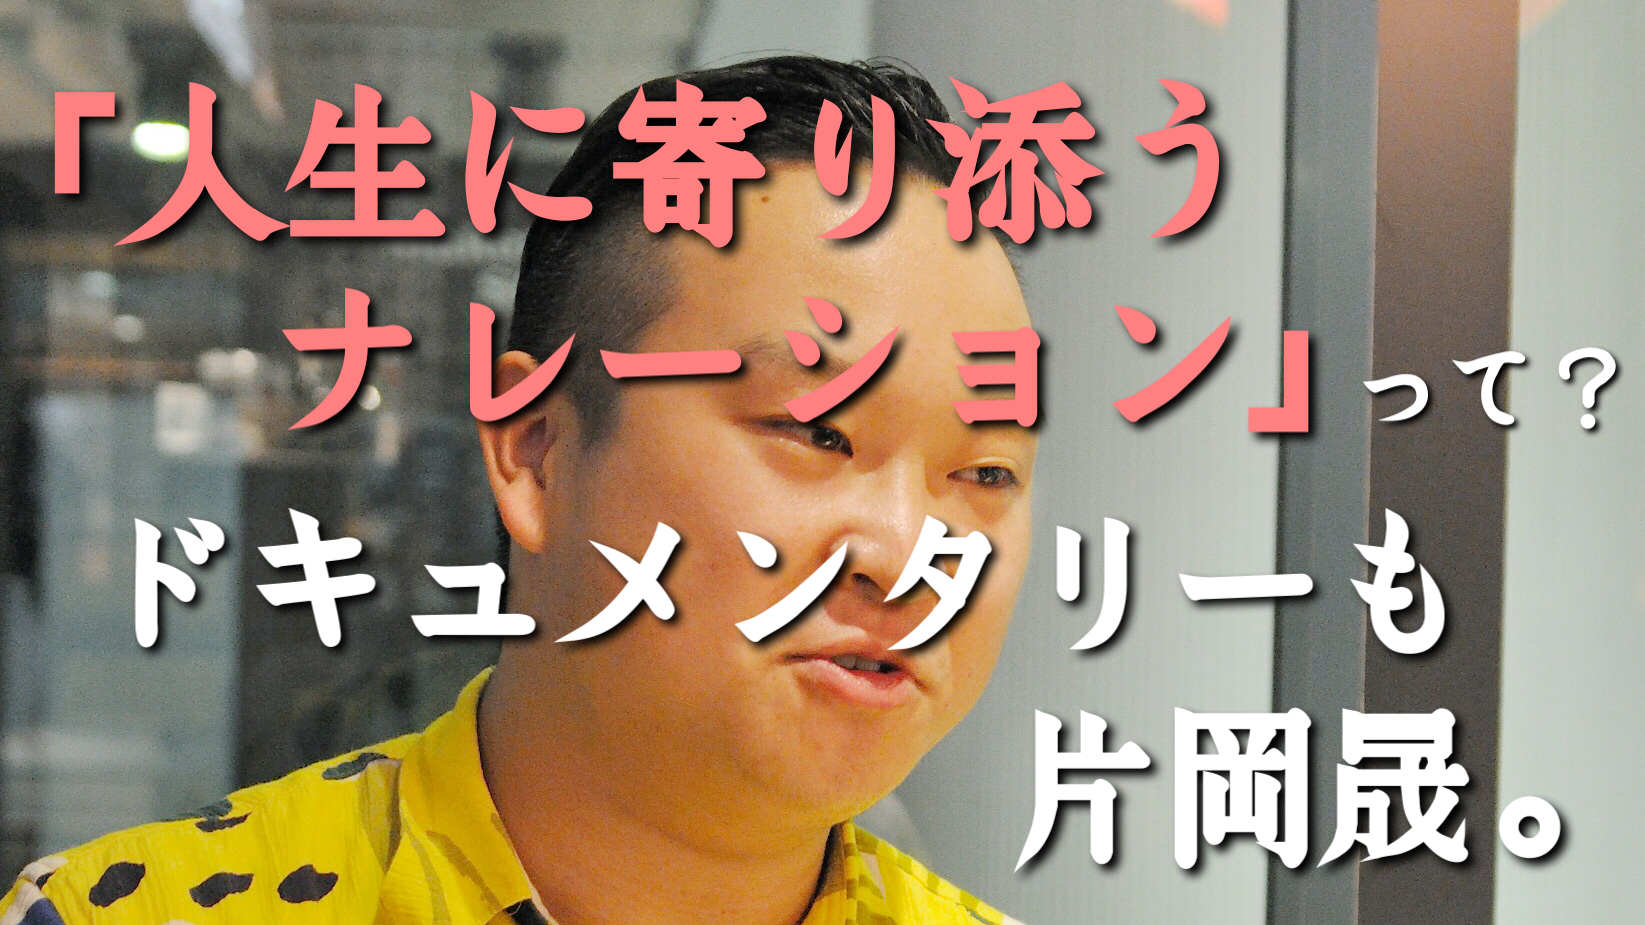 「人生に寄り添うナレーション」って?ドキュメンタリーも片岡晟。